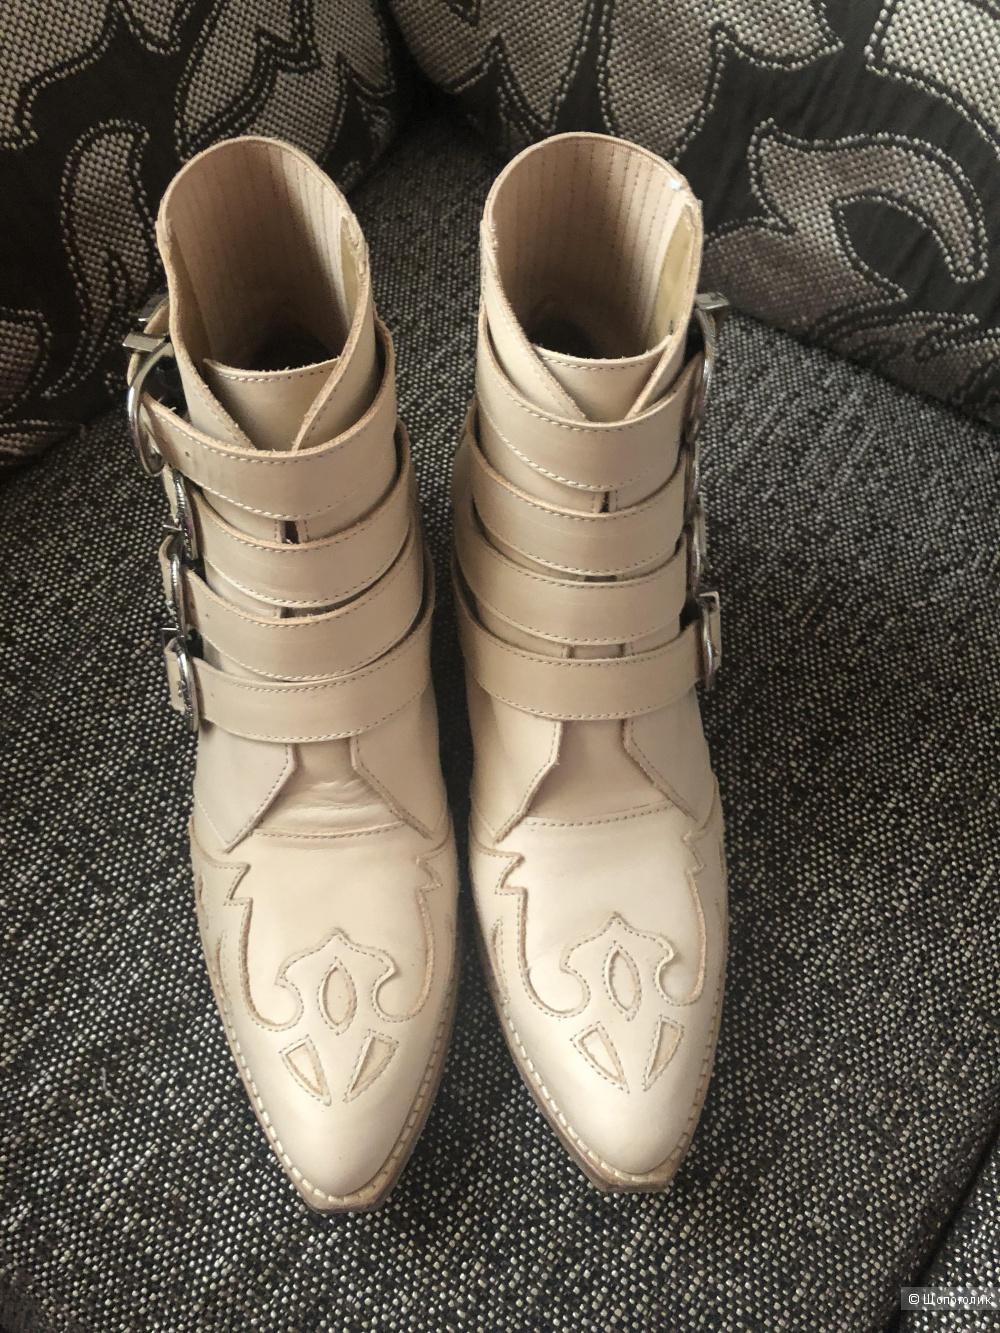 Ботинки-казаки Toga Pulla. Размер 39.